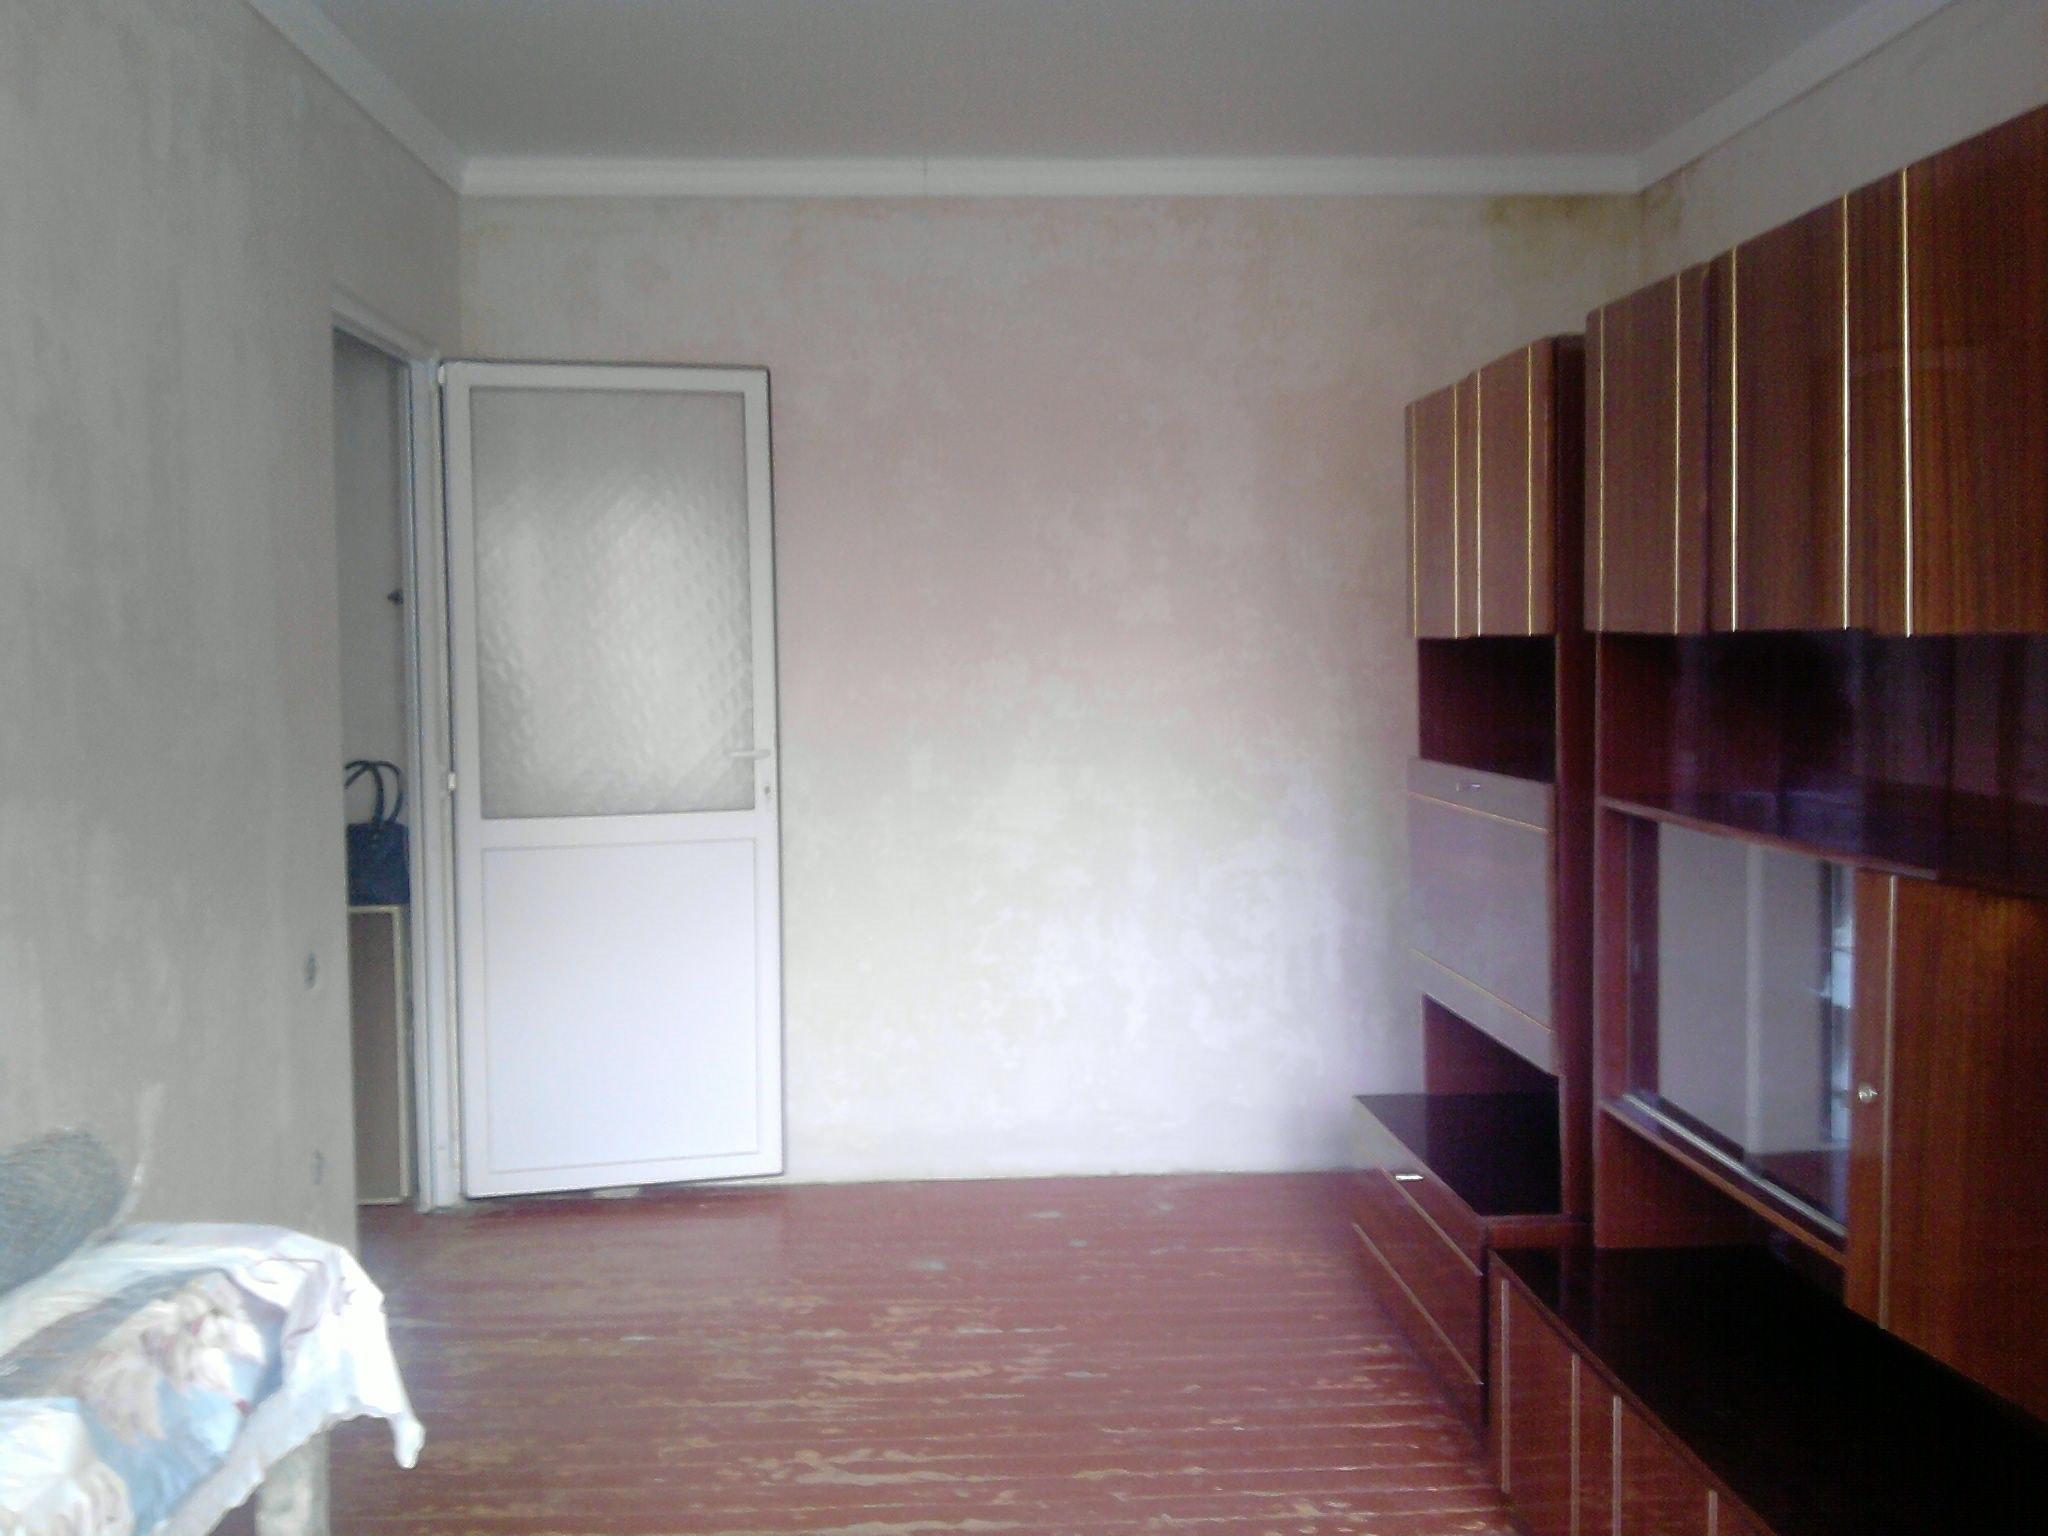 Фотографии двухкомнатной квартиры на продажу в Шахтах по адресу ...